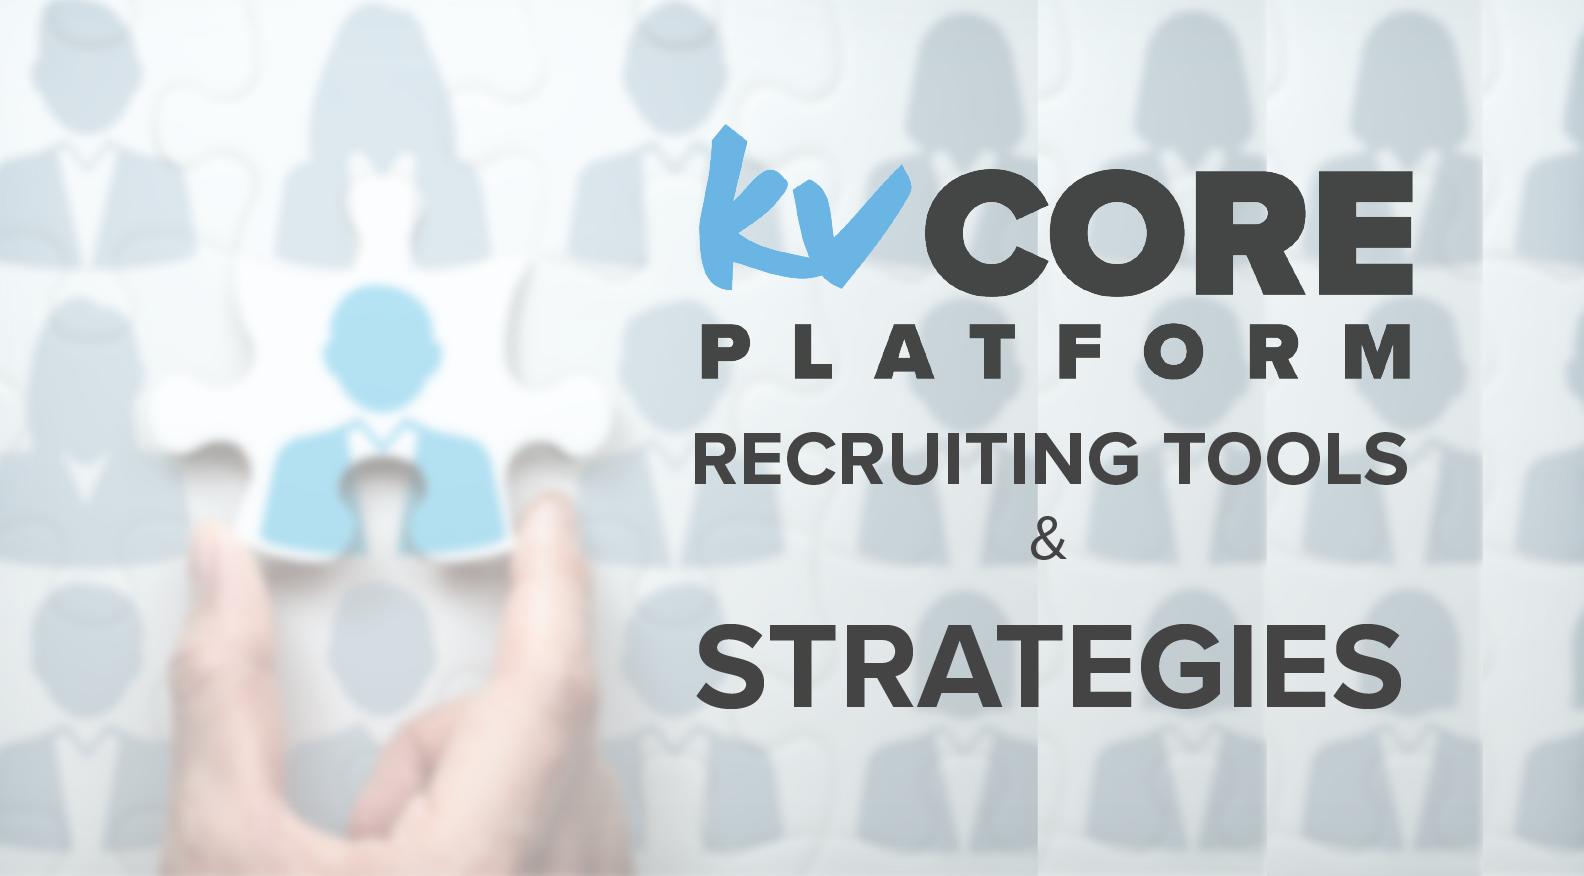 kvCORE Recruiting Tools & Strategies